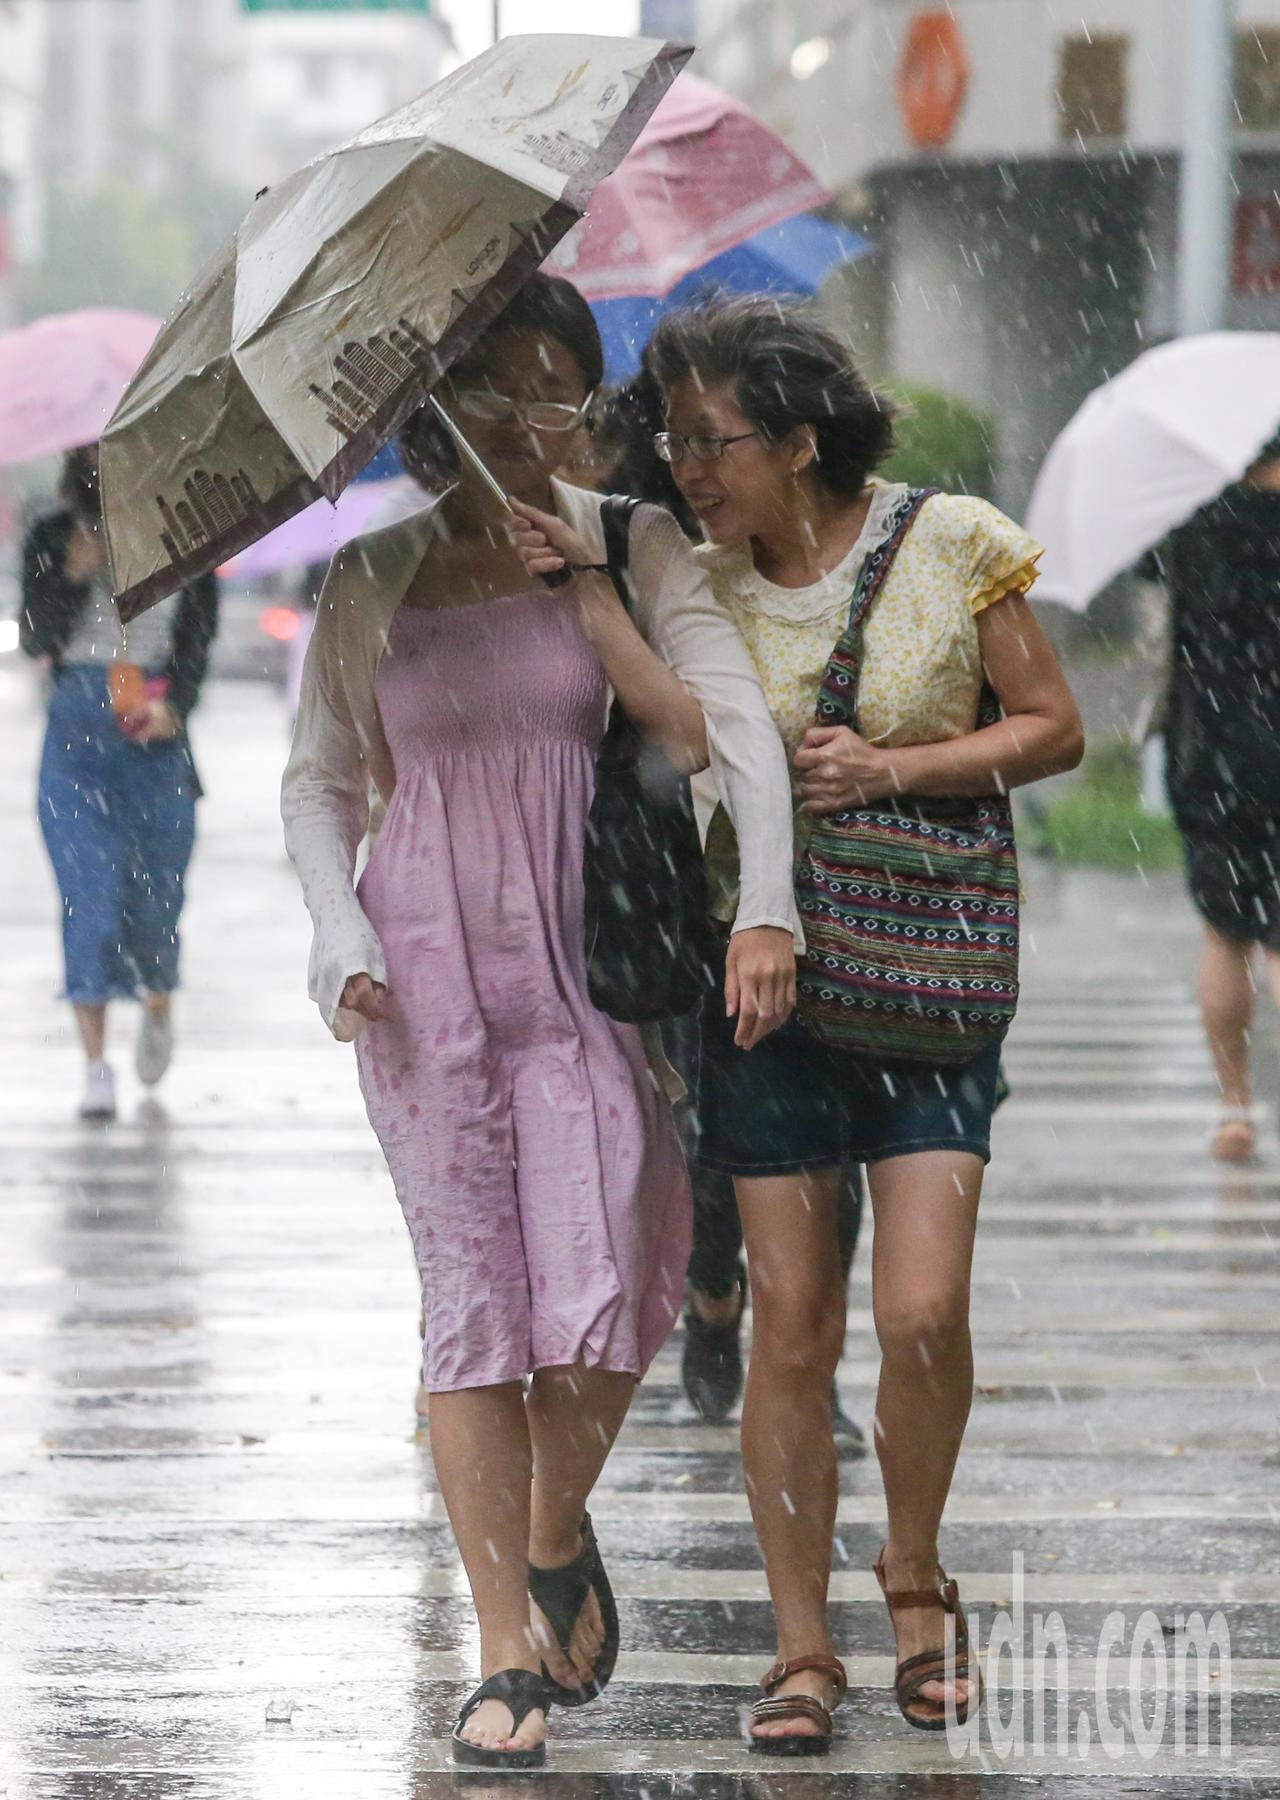 台北市今天下午突然出現豪大雨,民眾共撐一把傘擋雨。記者鄭清元/攝影